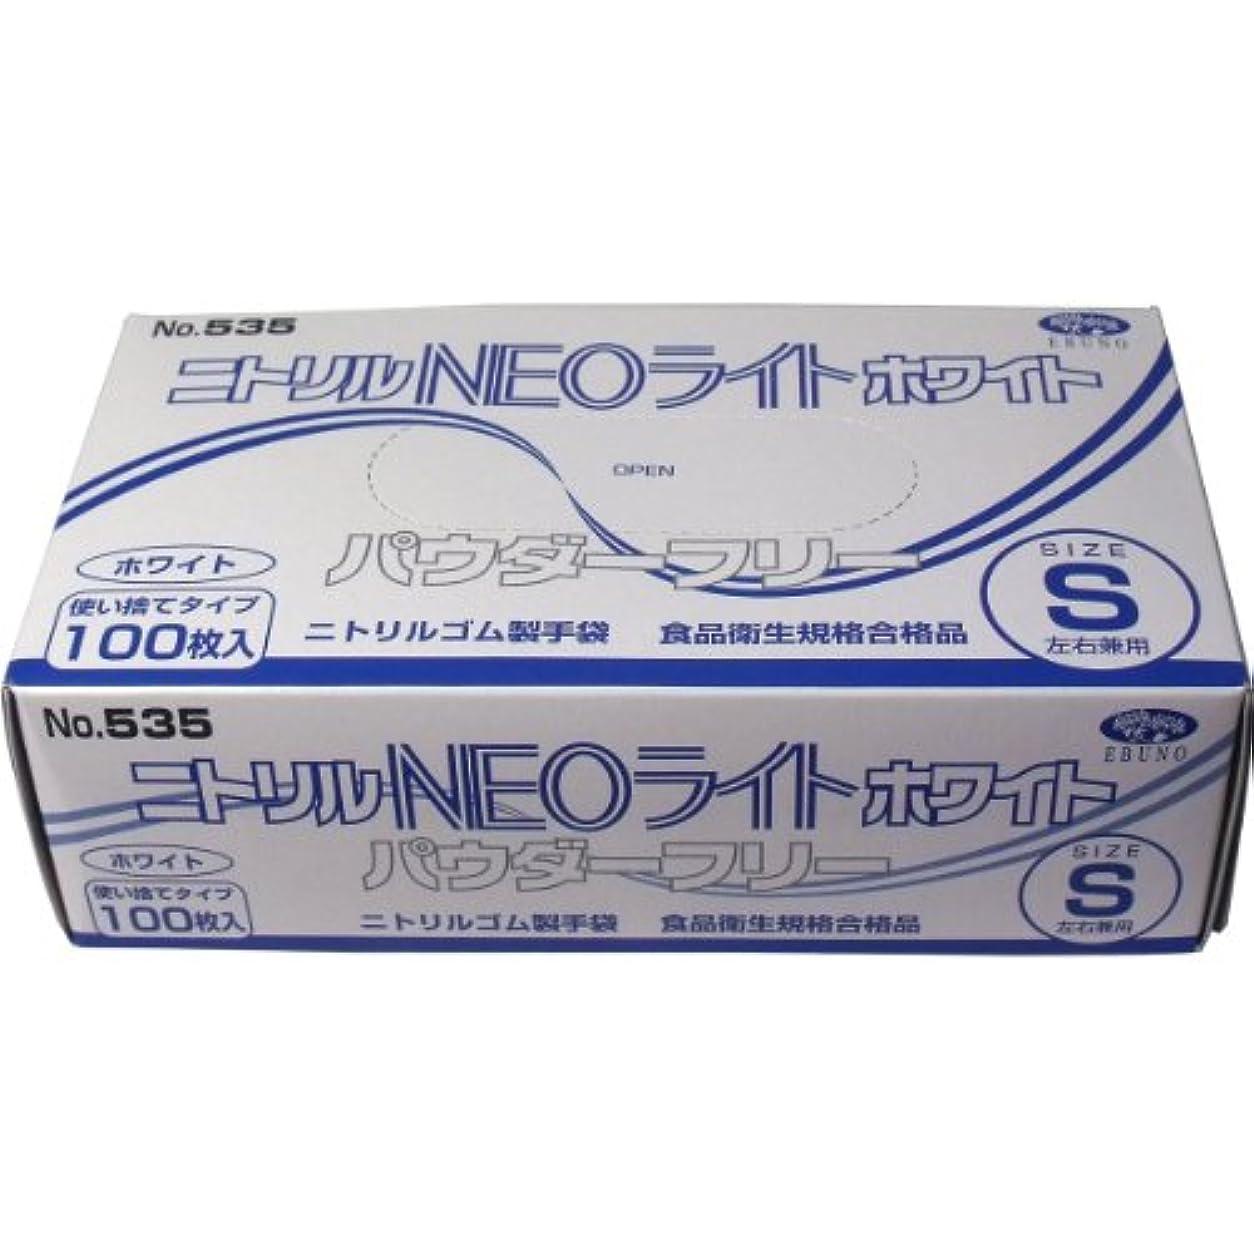 ウミウシライド子供時代エブノ No.535 ニトリル手袋 ネオライト パウダーフリー ホワイト Sサイズ 100枚入